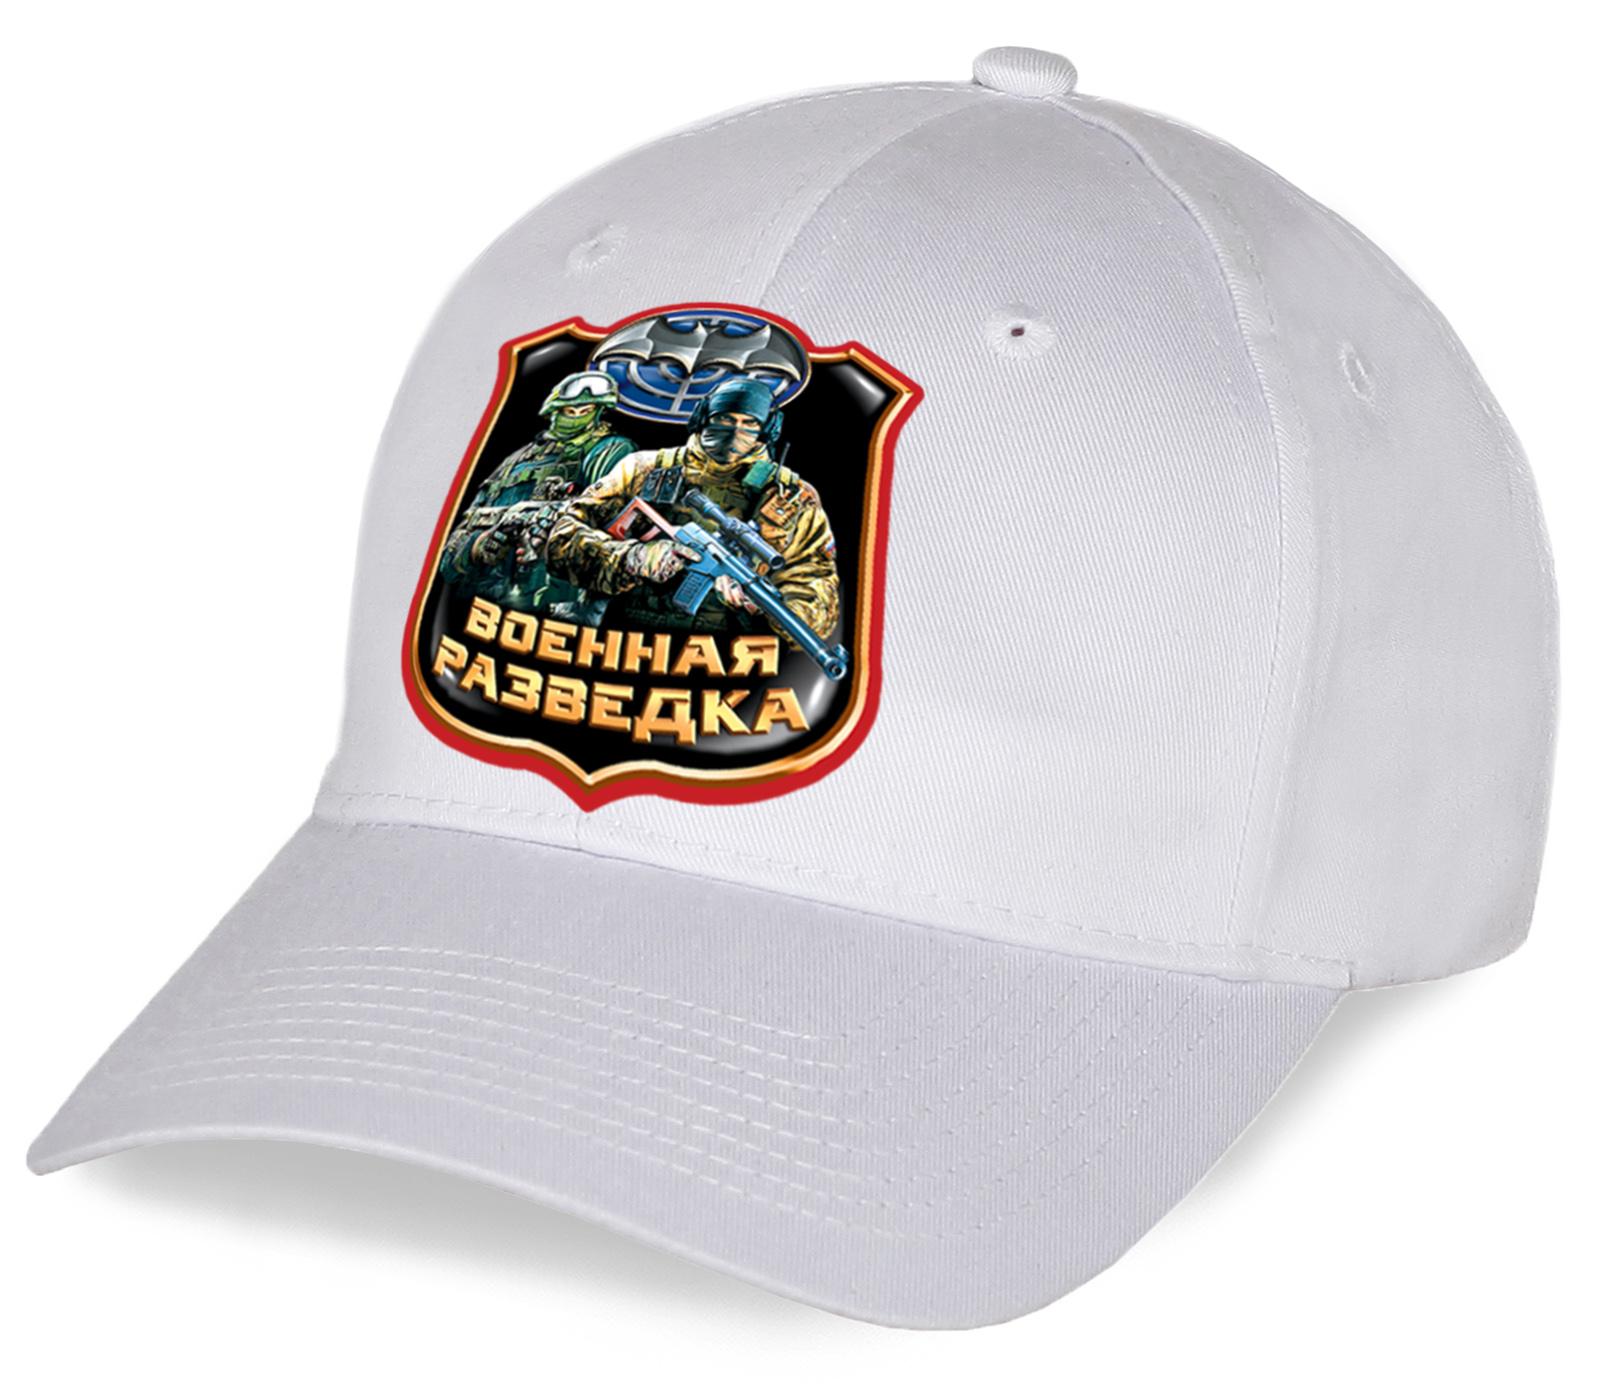 Мы это сделали для Вас – дизайнерская кепка с уникальным принтом Военная разведка. Отличный выбор на многие года. Не купите не оцените! Поспешите!